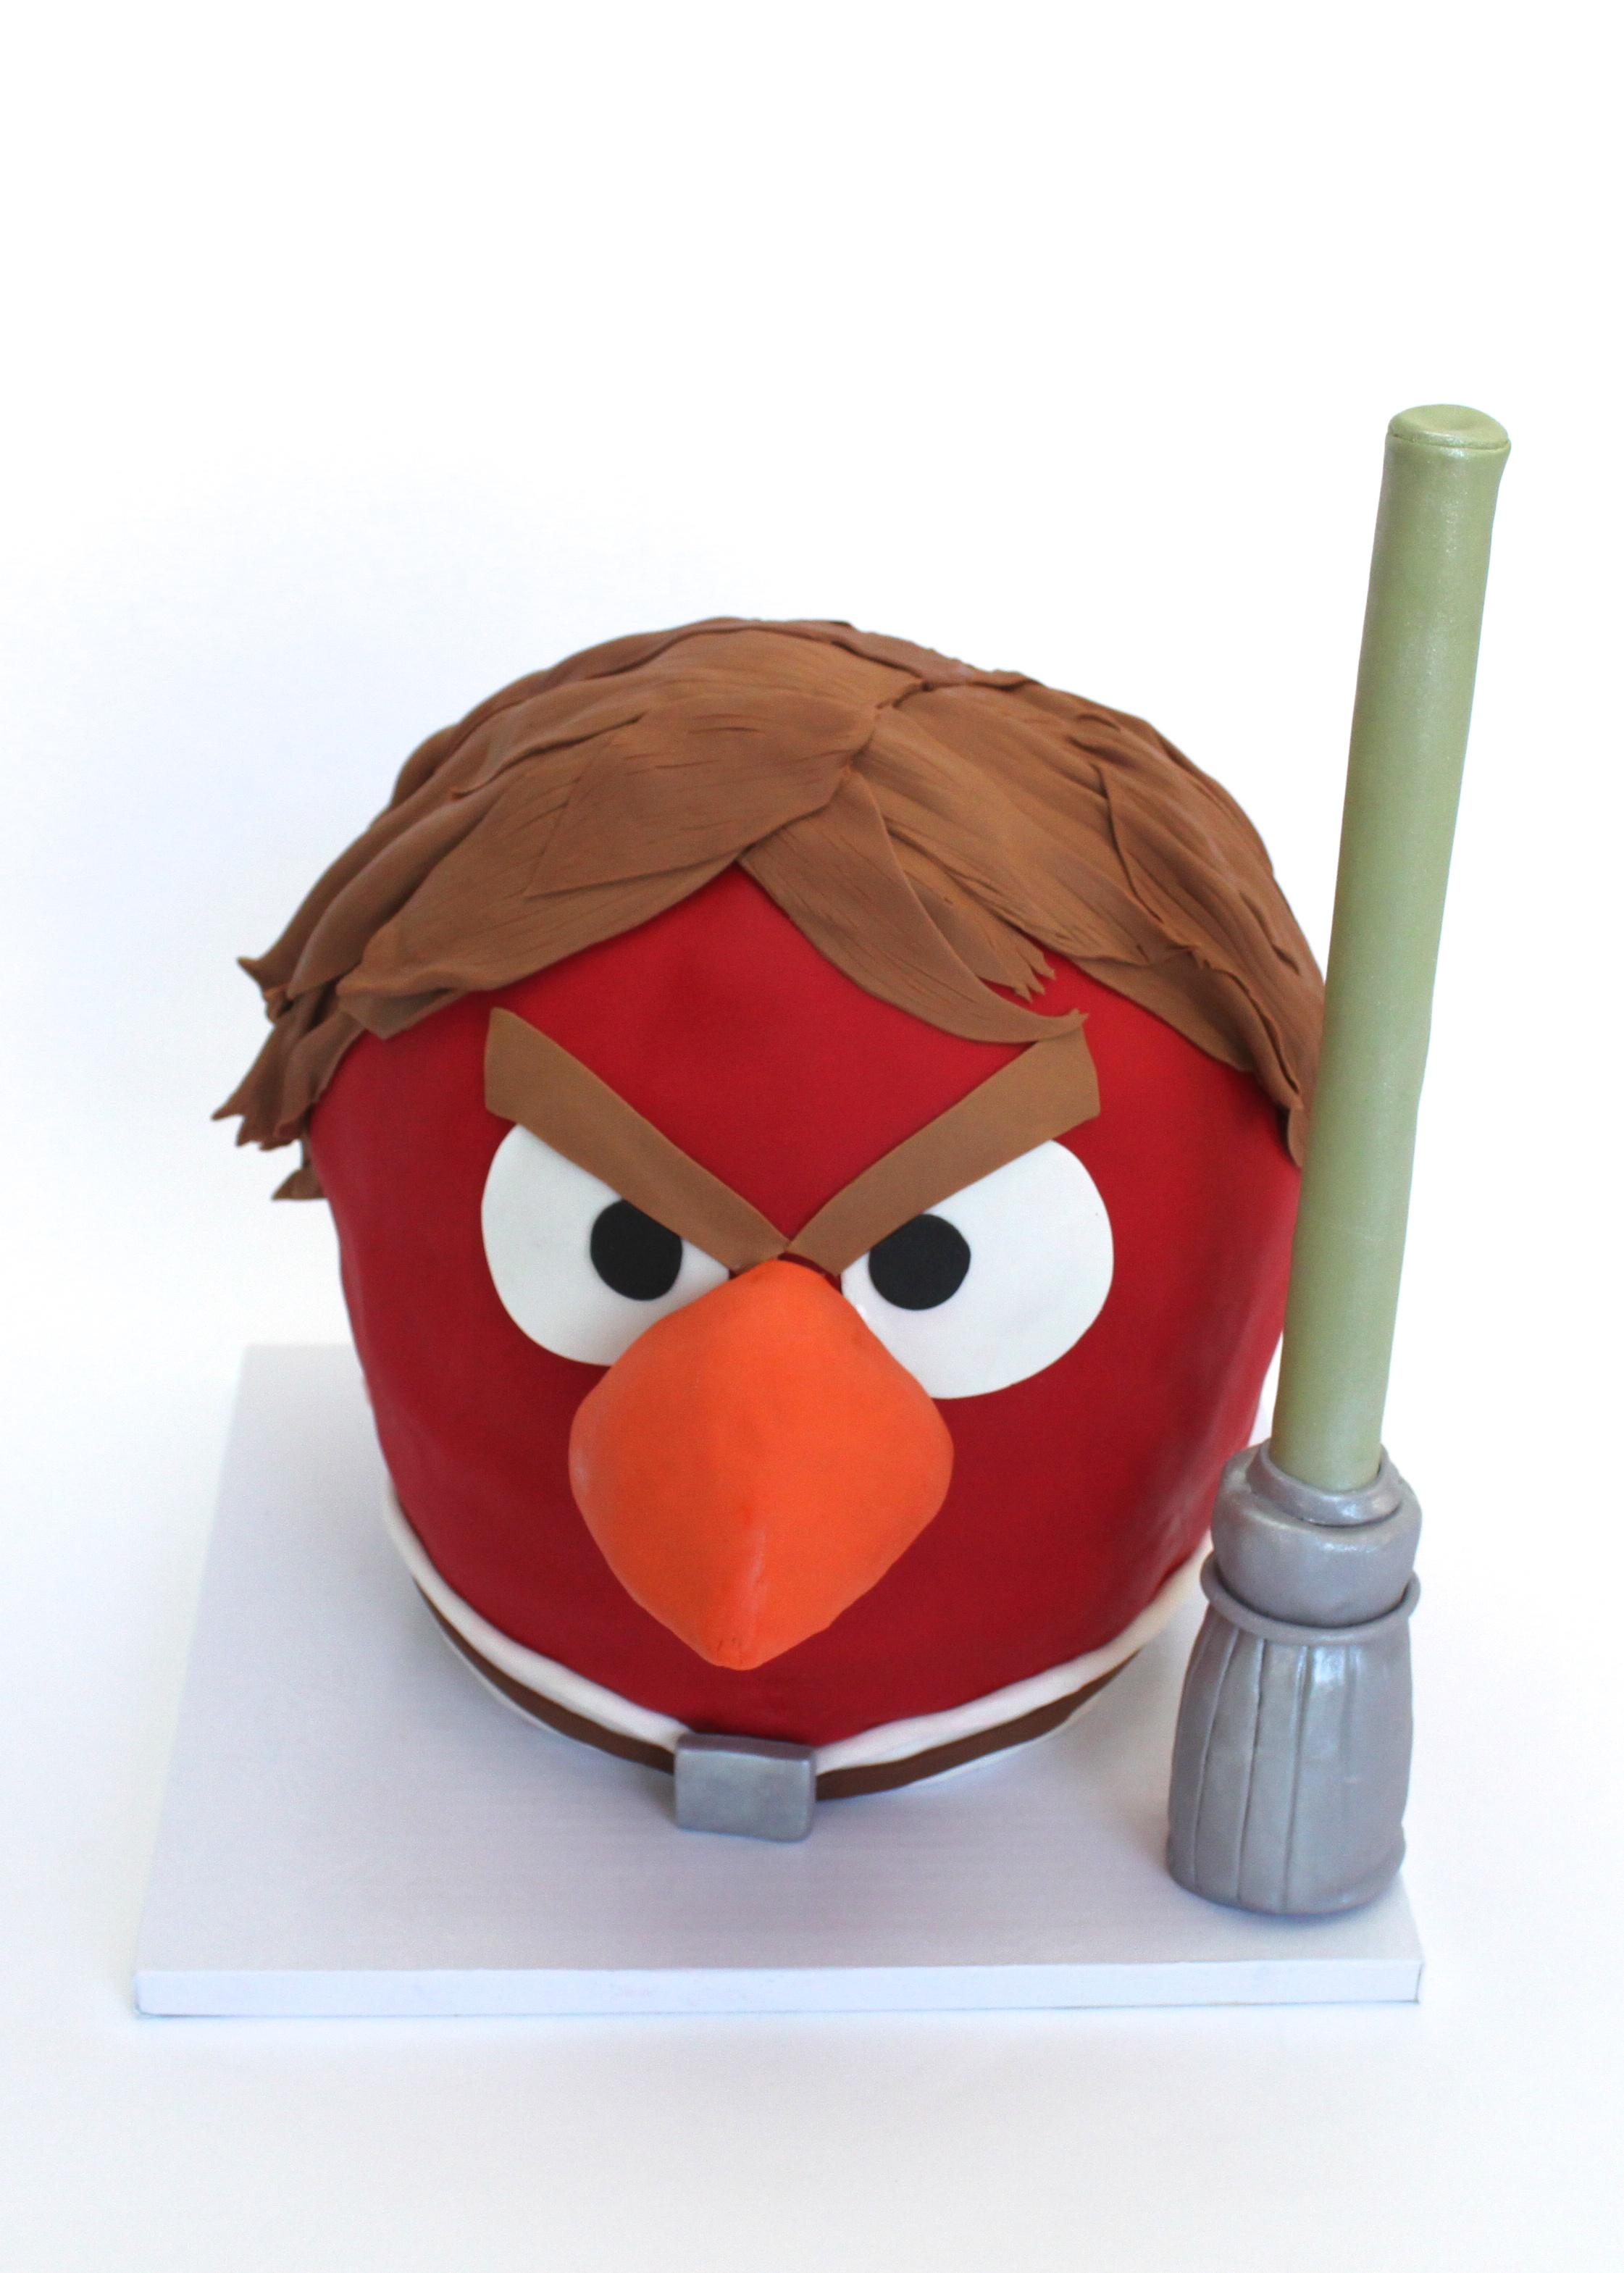 Angry bird luke skywalker 8608.jpg